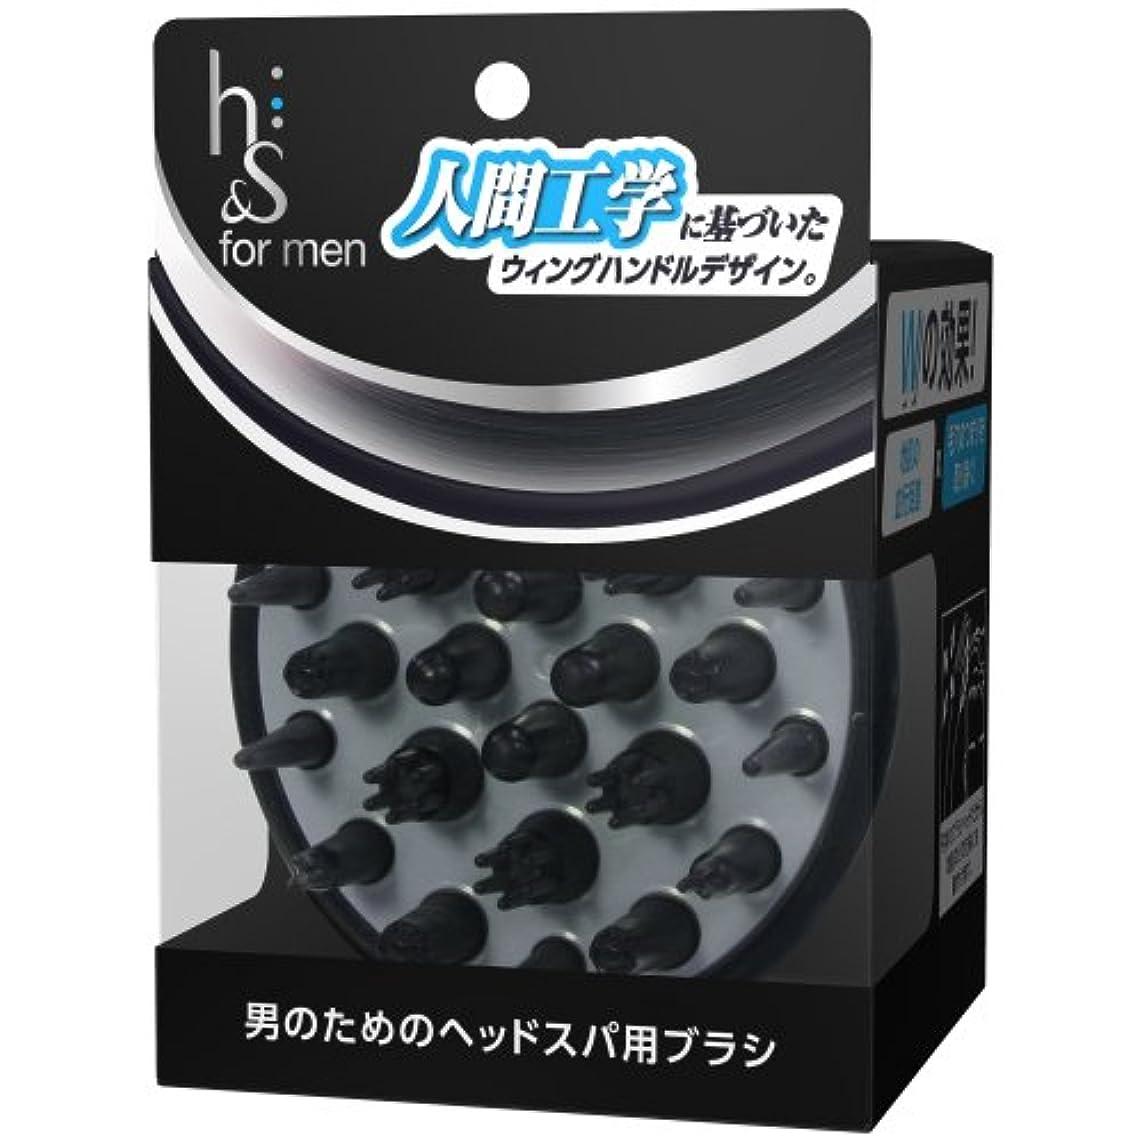 h&s for men 男のためのヘッドスパ用ブラシ